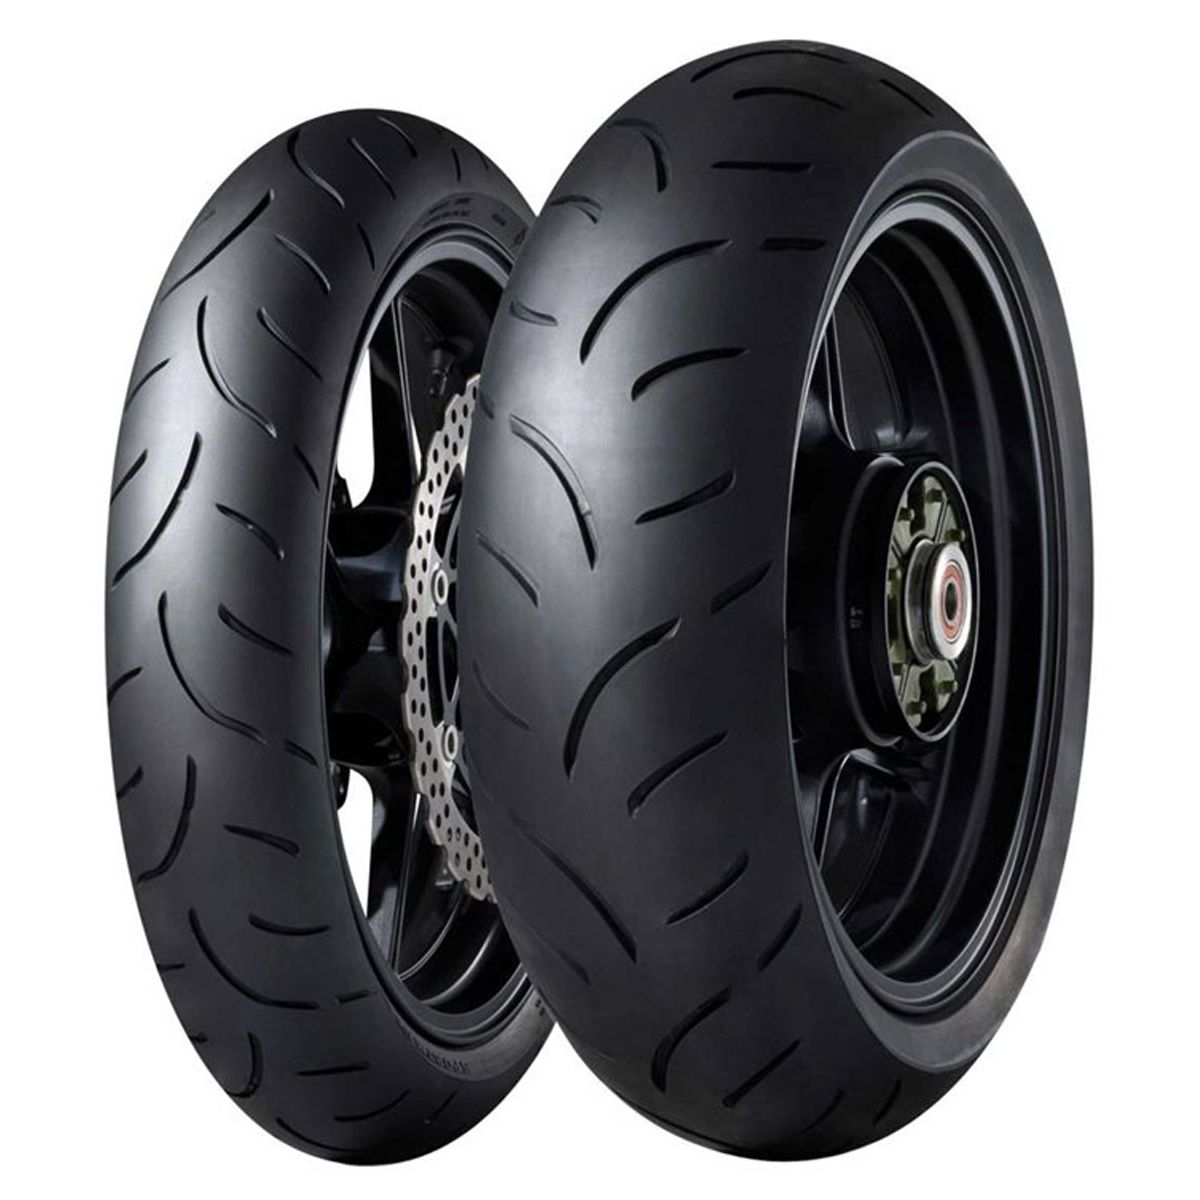 Dunlop Sportmax Q2 Product Review